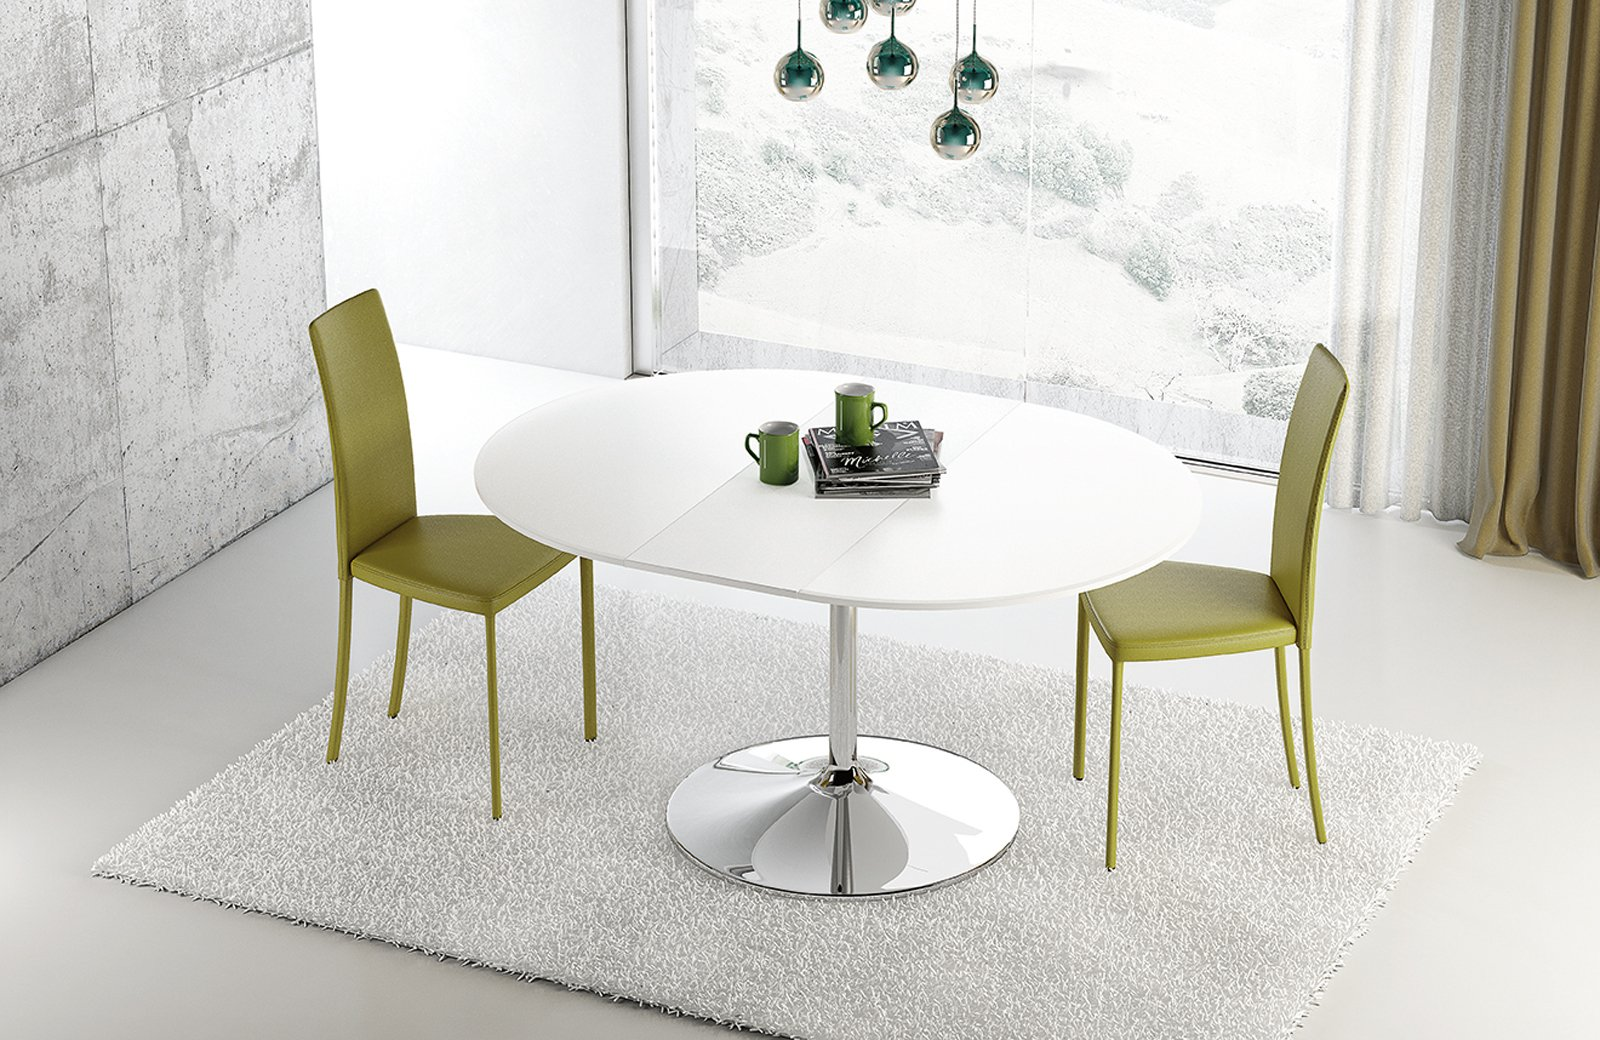 Tavolo rotondo allungabile contemporaneo classico in - Tavolo piccolo allungabile ...